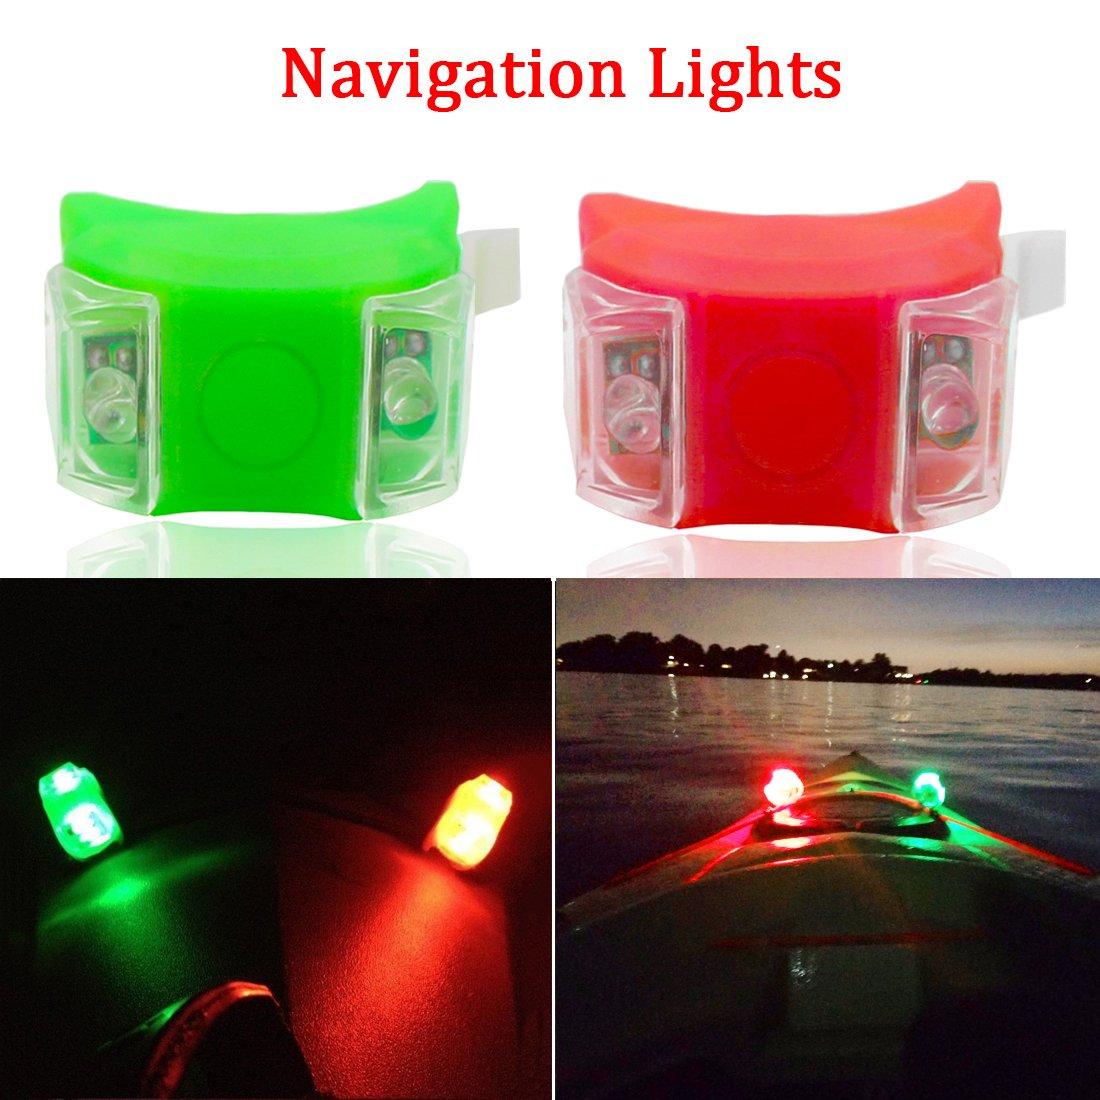 Botepon Marine Boat Bow Red and Green Led Navigation Lights Emergency Lights Backup Lights for Boat Pontoon Kayak Yacht Motorboat Vessel Dinghy Catamaran by Botepon (Image #1)